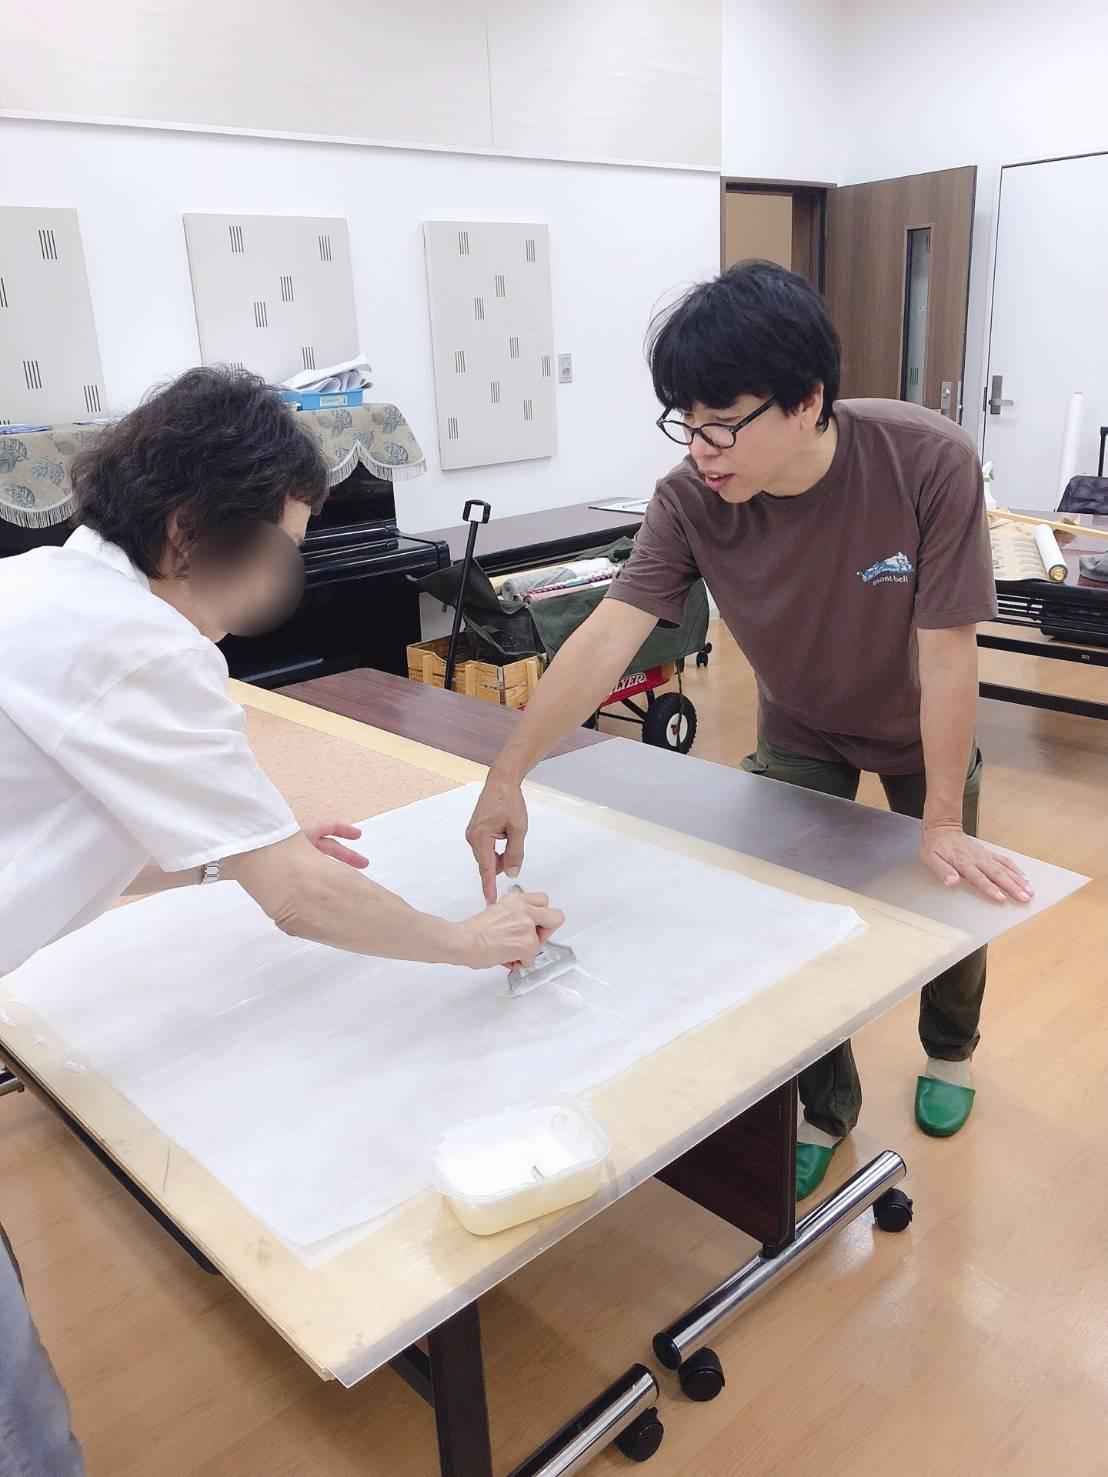 体験:【高松校】楽しい表装セミナー・土曜クラス3DAY体験/午前の部・午後の部 21/03/13~21/05/08